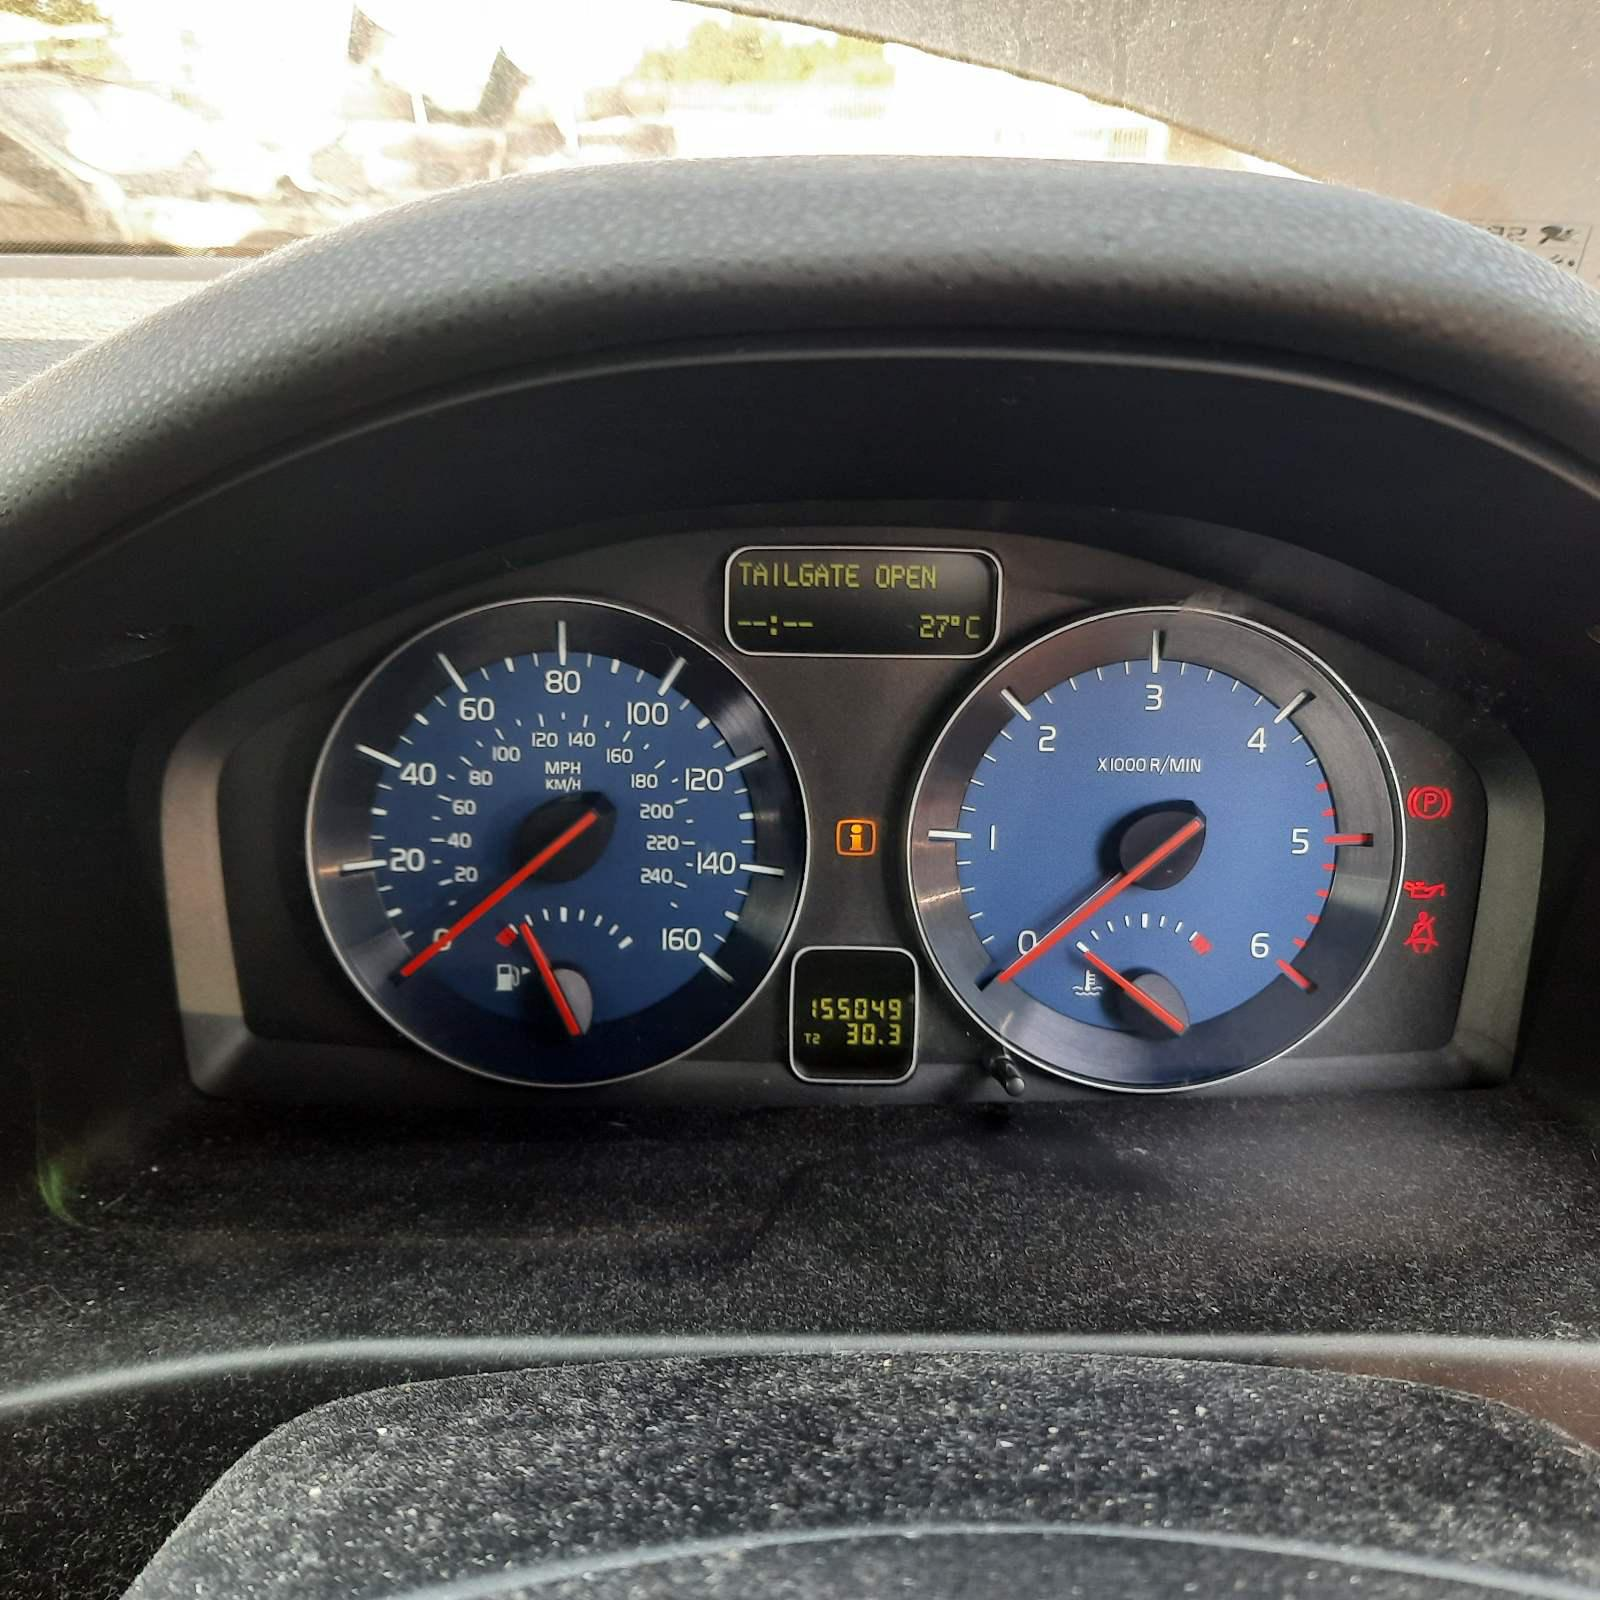 Подержанные Автозапчасти Volvo C30 2010 2.0 машиностроение Купе 2/3 d. черный 2021-7-23